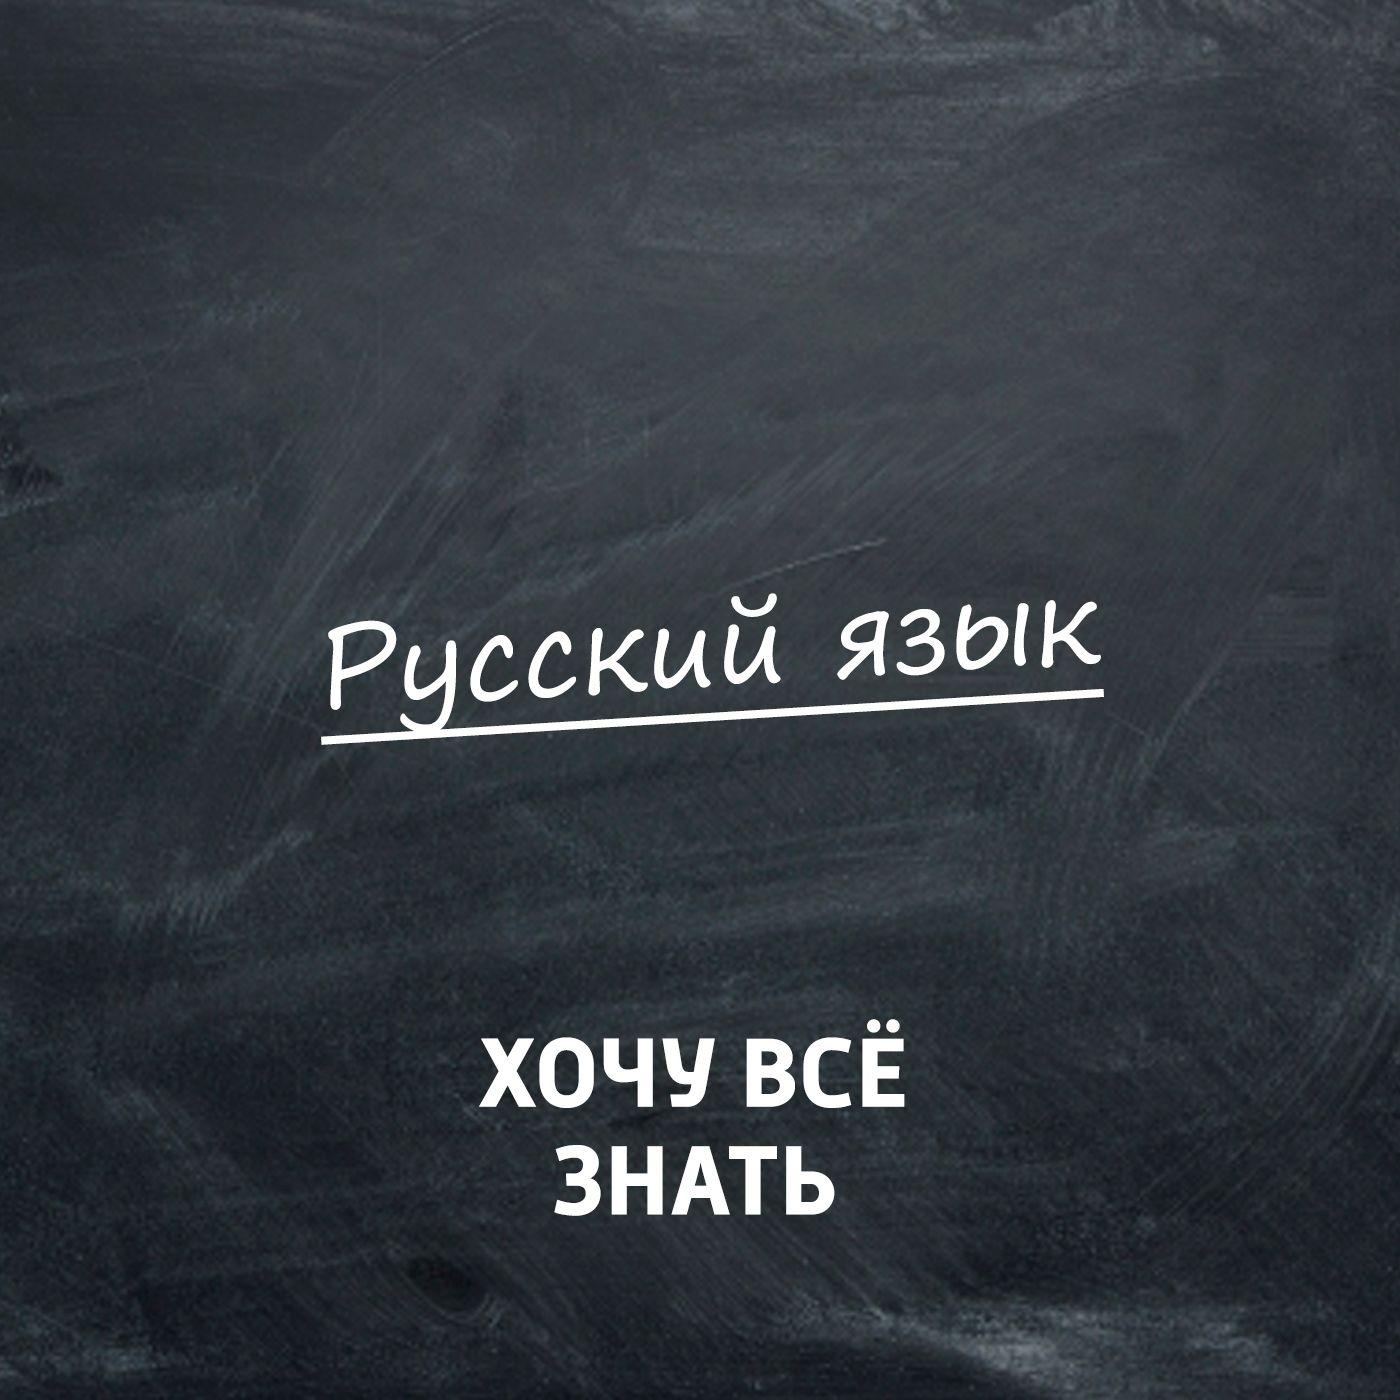 Творческий коллектив программы «Хочу всё знать» Олимпиадные задачи. Русский язык. Часть 59 творческий коллектив программы хочу всё знать что такое выставка